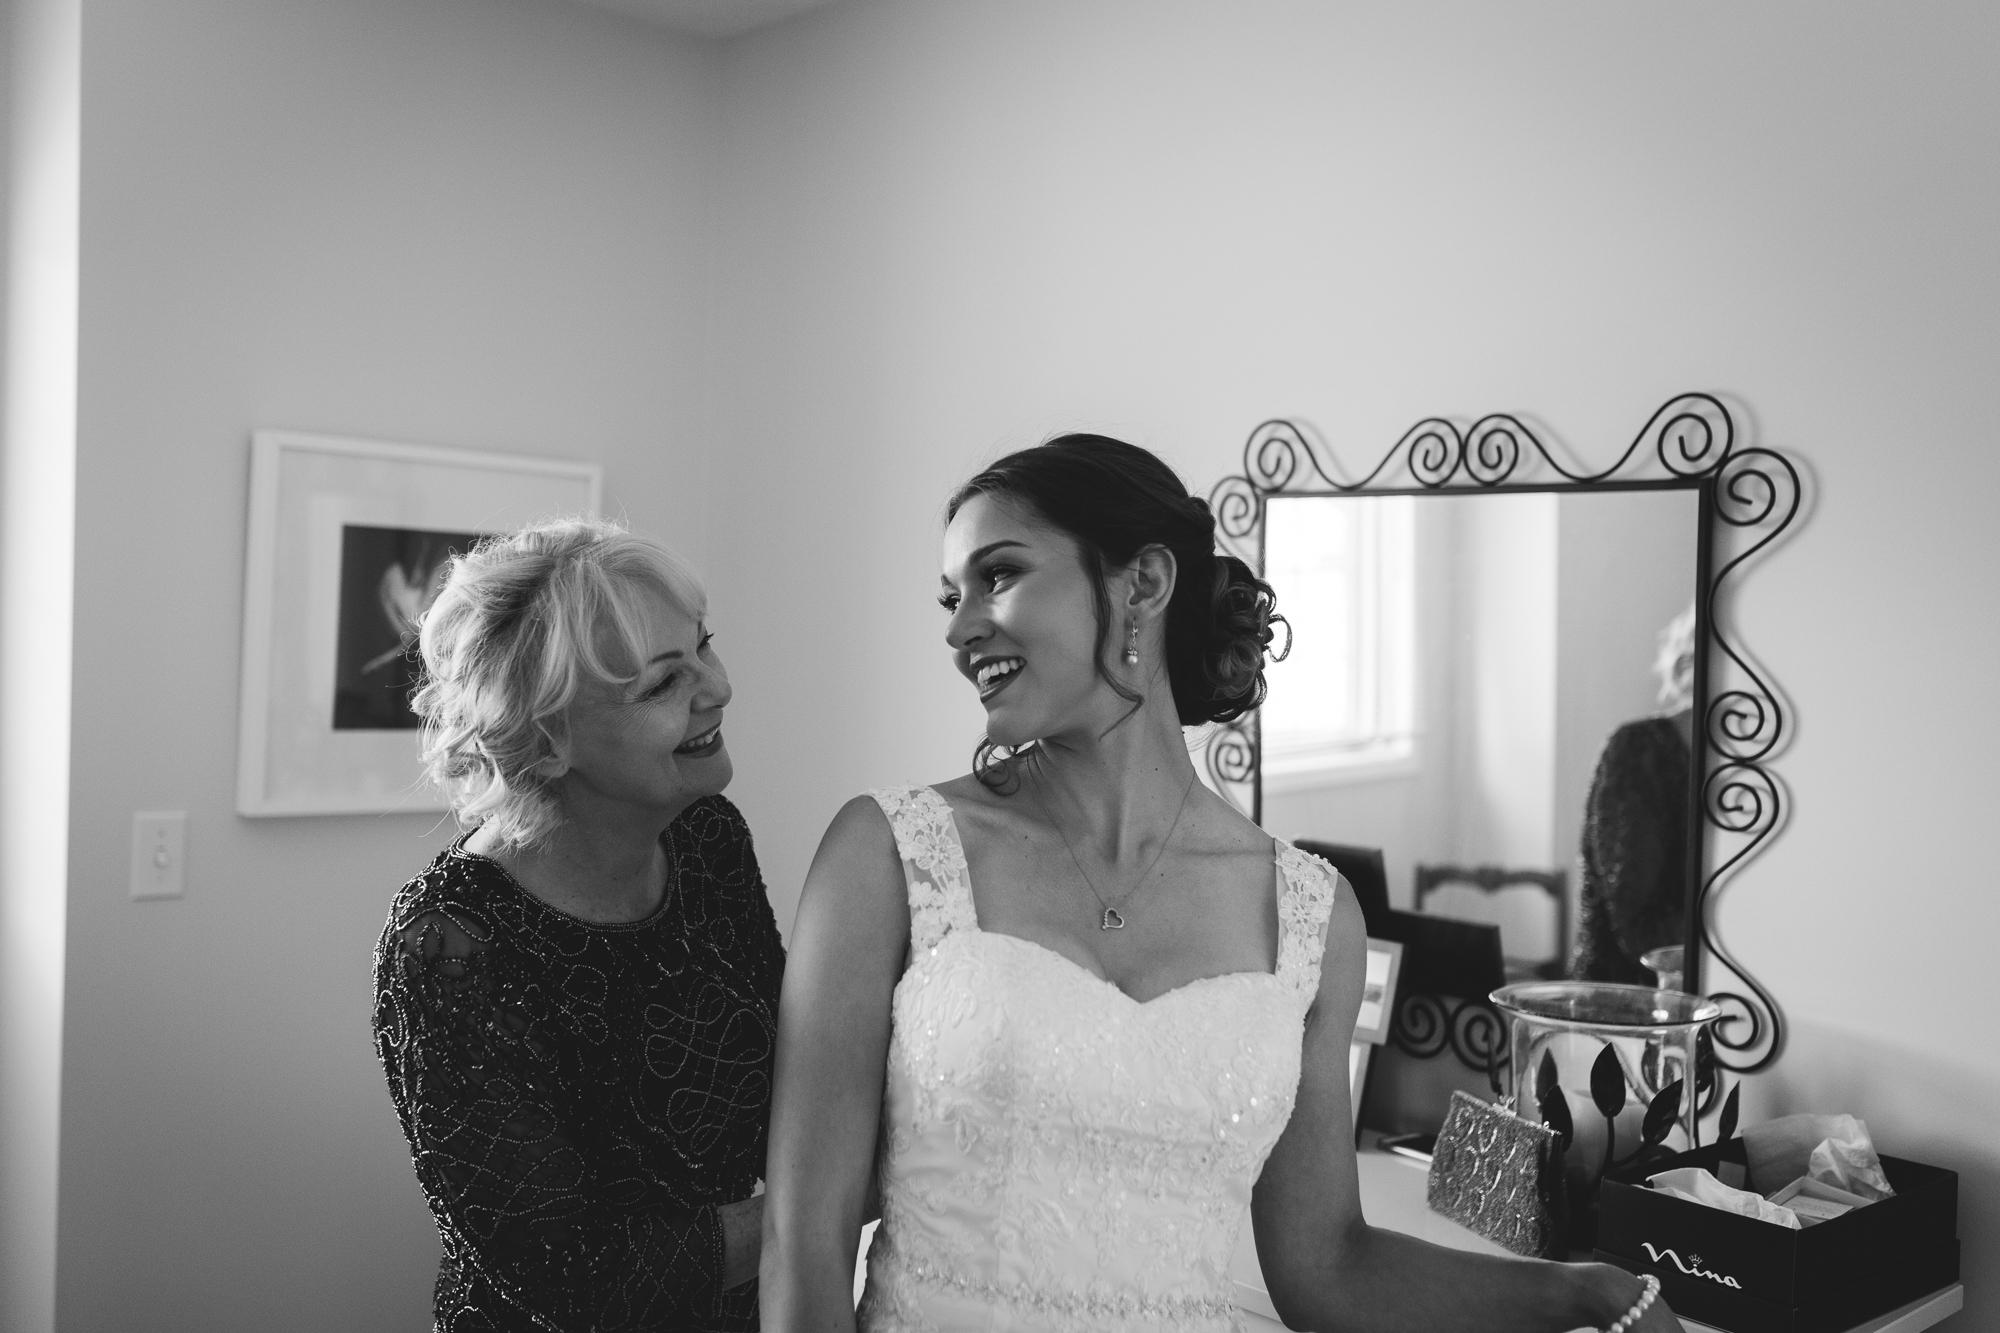 Deanna-Rachel-Photography-calgary-Wedding-photographer-jm-15.jpg